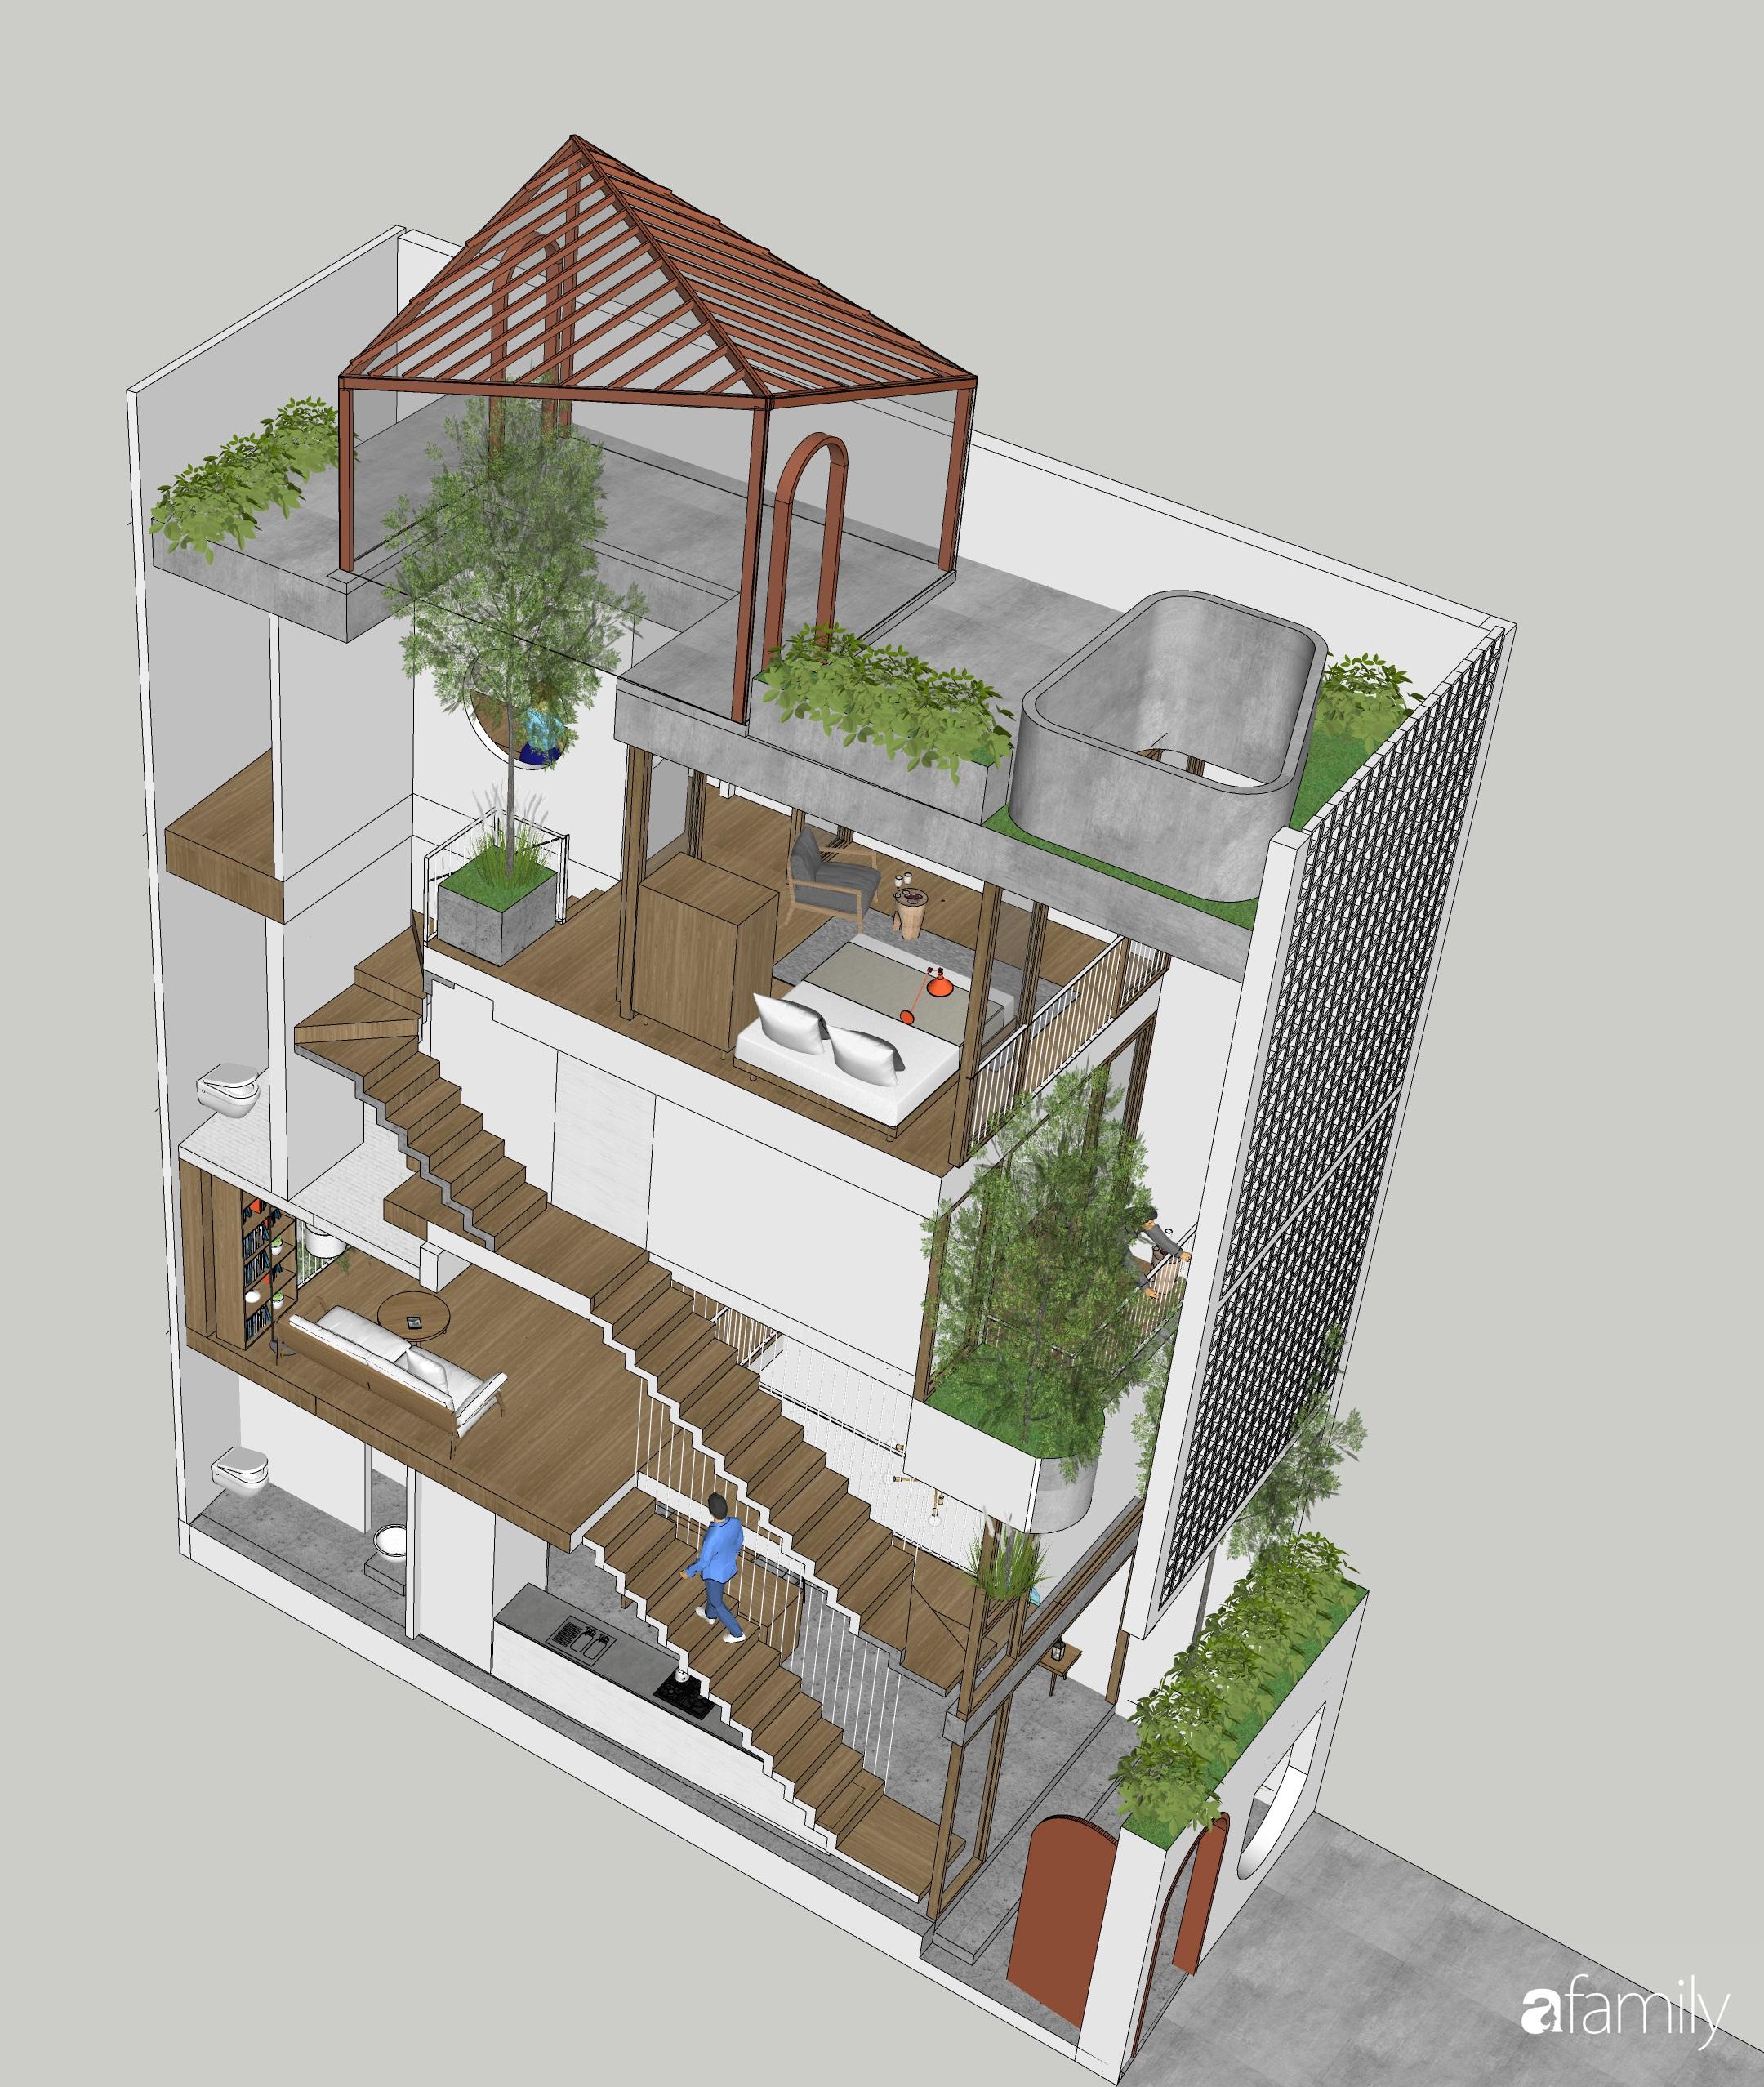 Nhà phố 38m² trong hẻm nhỏ vẫn rộng thoáng và ngập tràn bóng nắng ở Quận Gò Vấp, TP HCM - Ảnh 2.